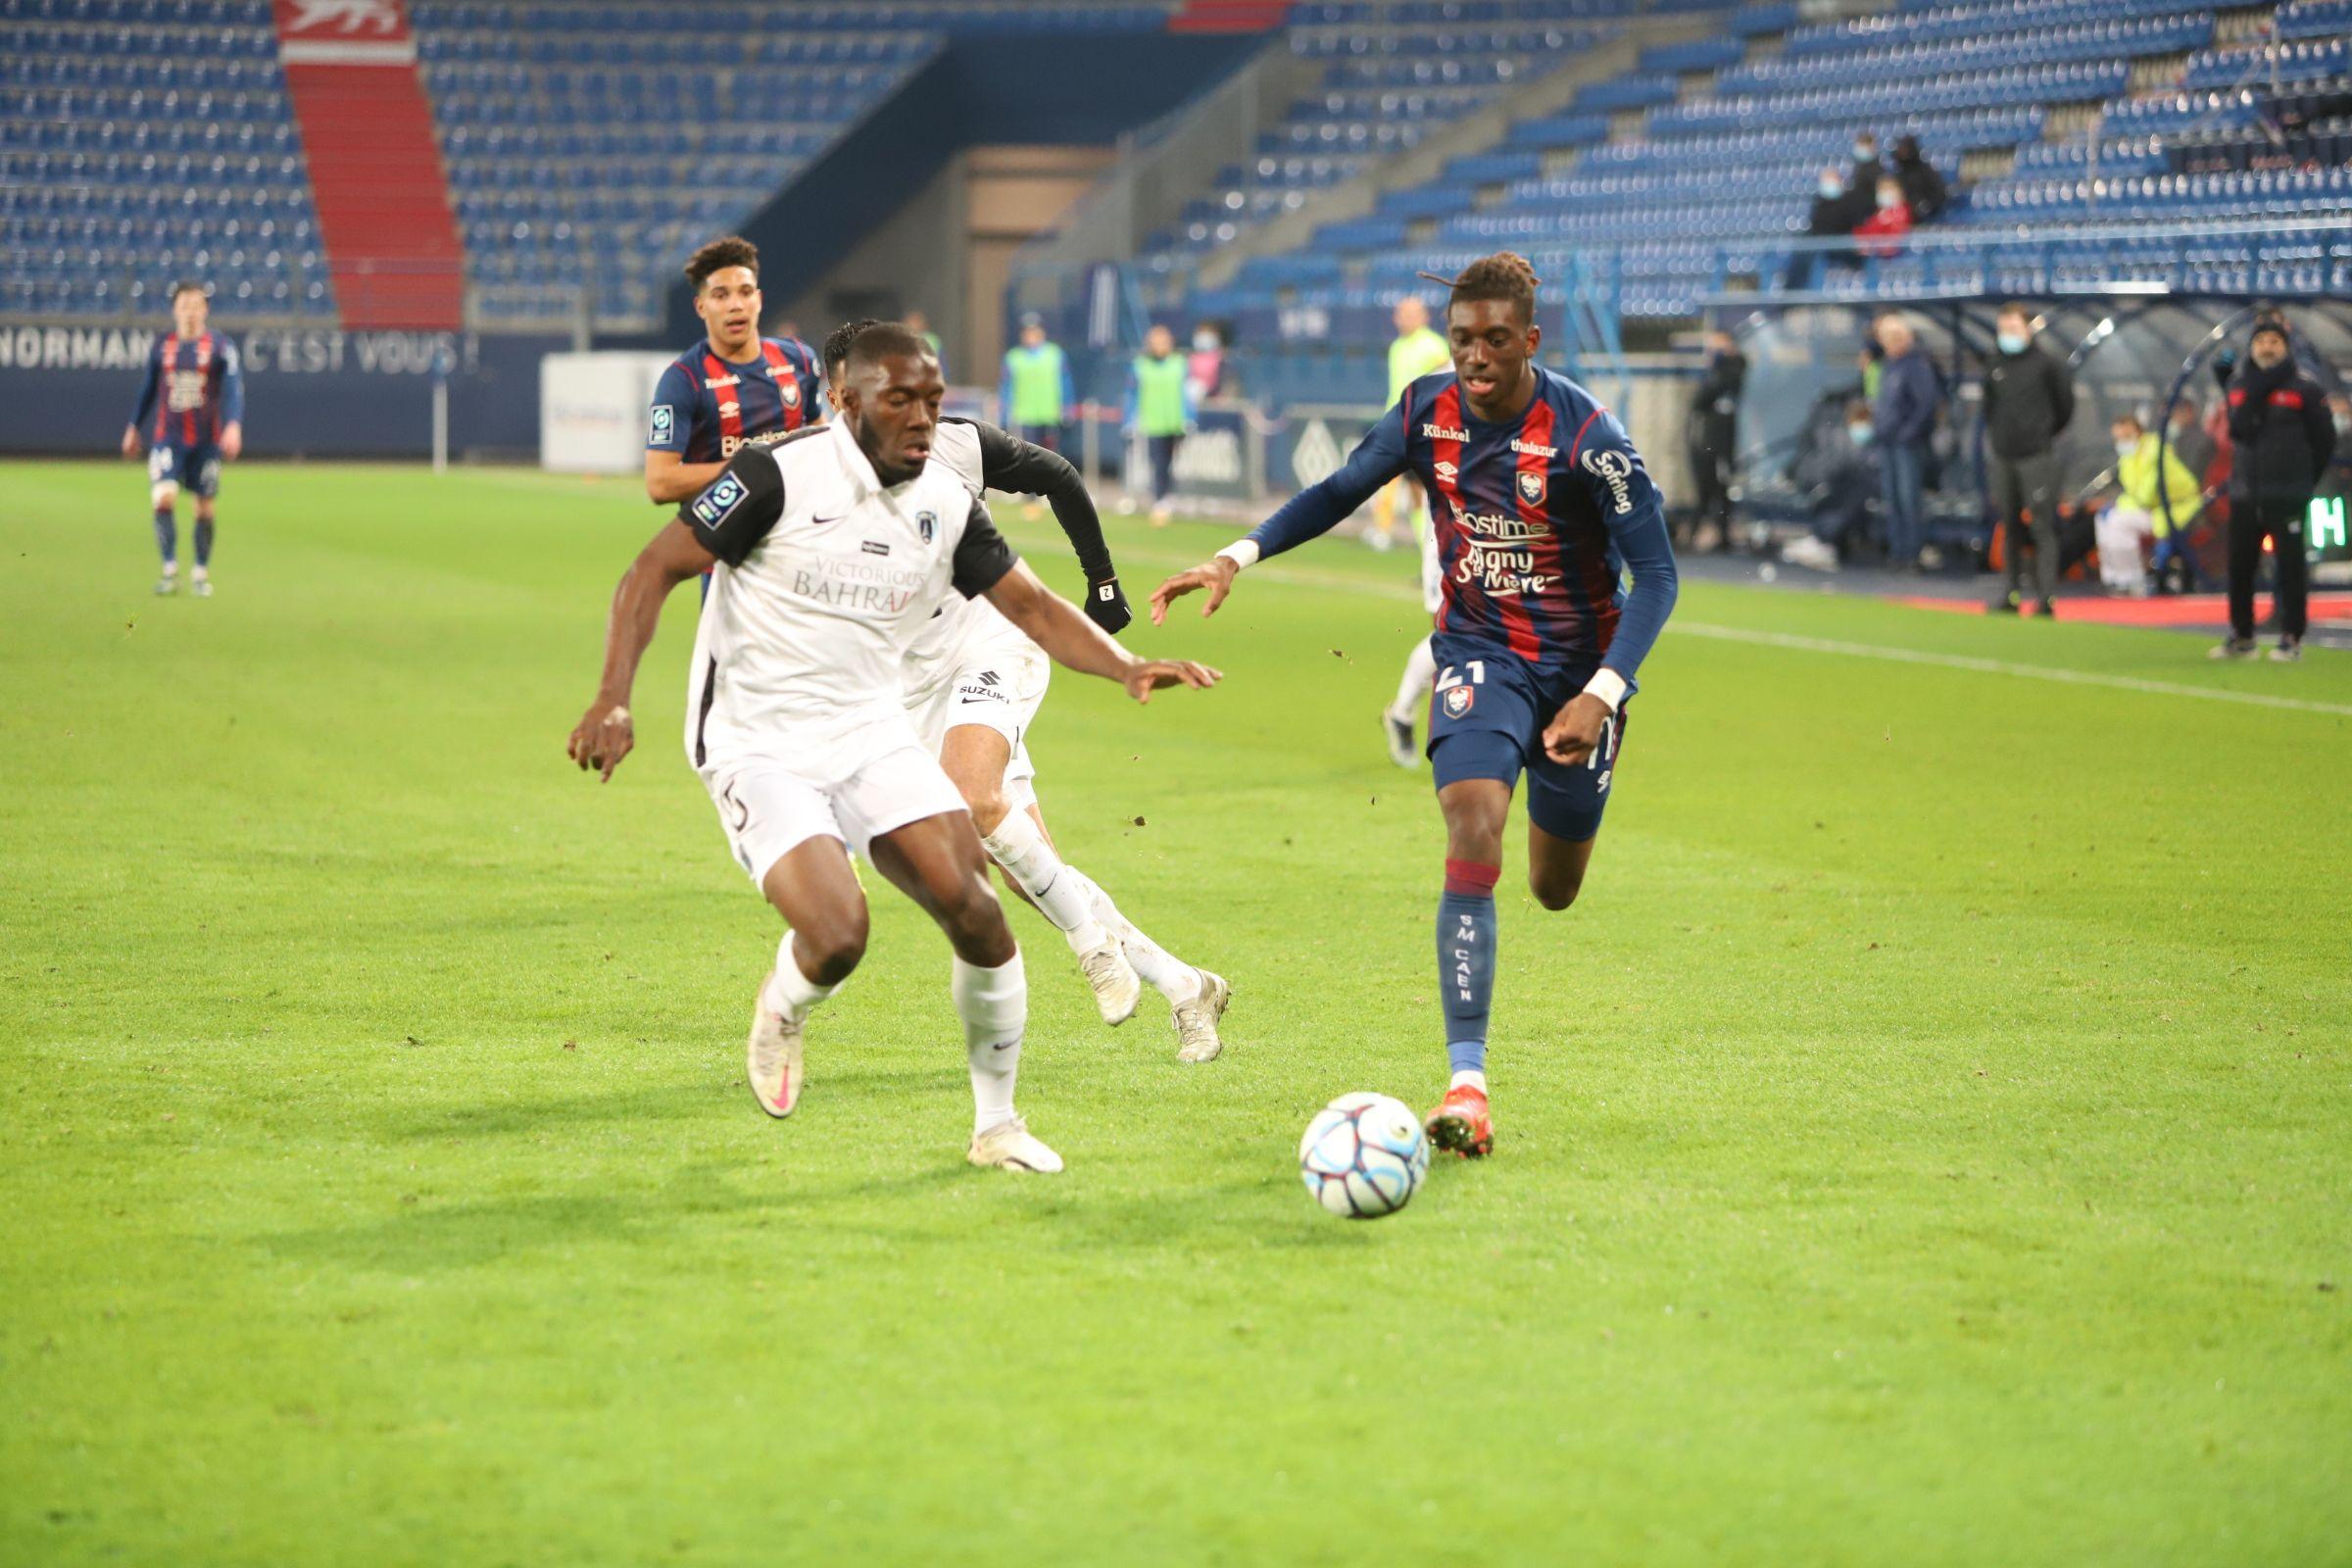 Les notes des joueurs caennais après la défaite contre le Paris FC (0-2)